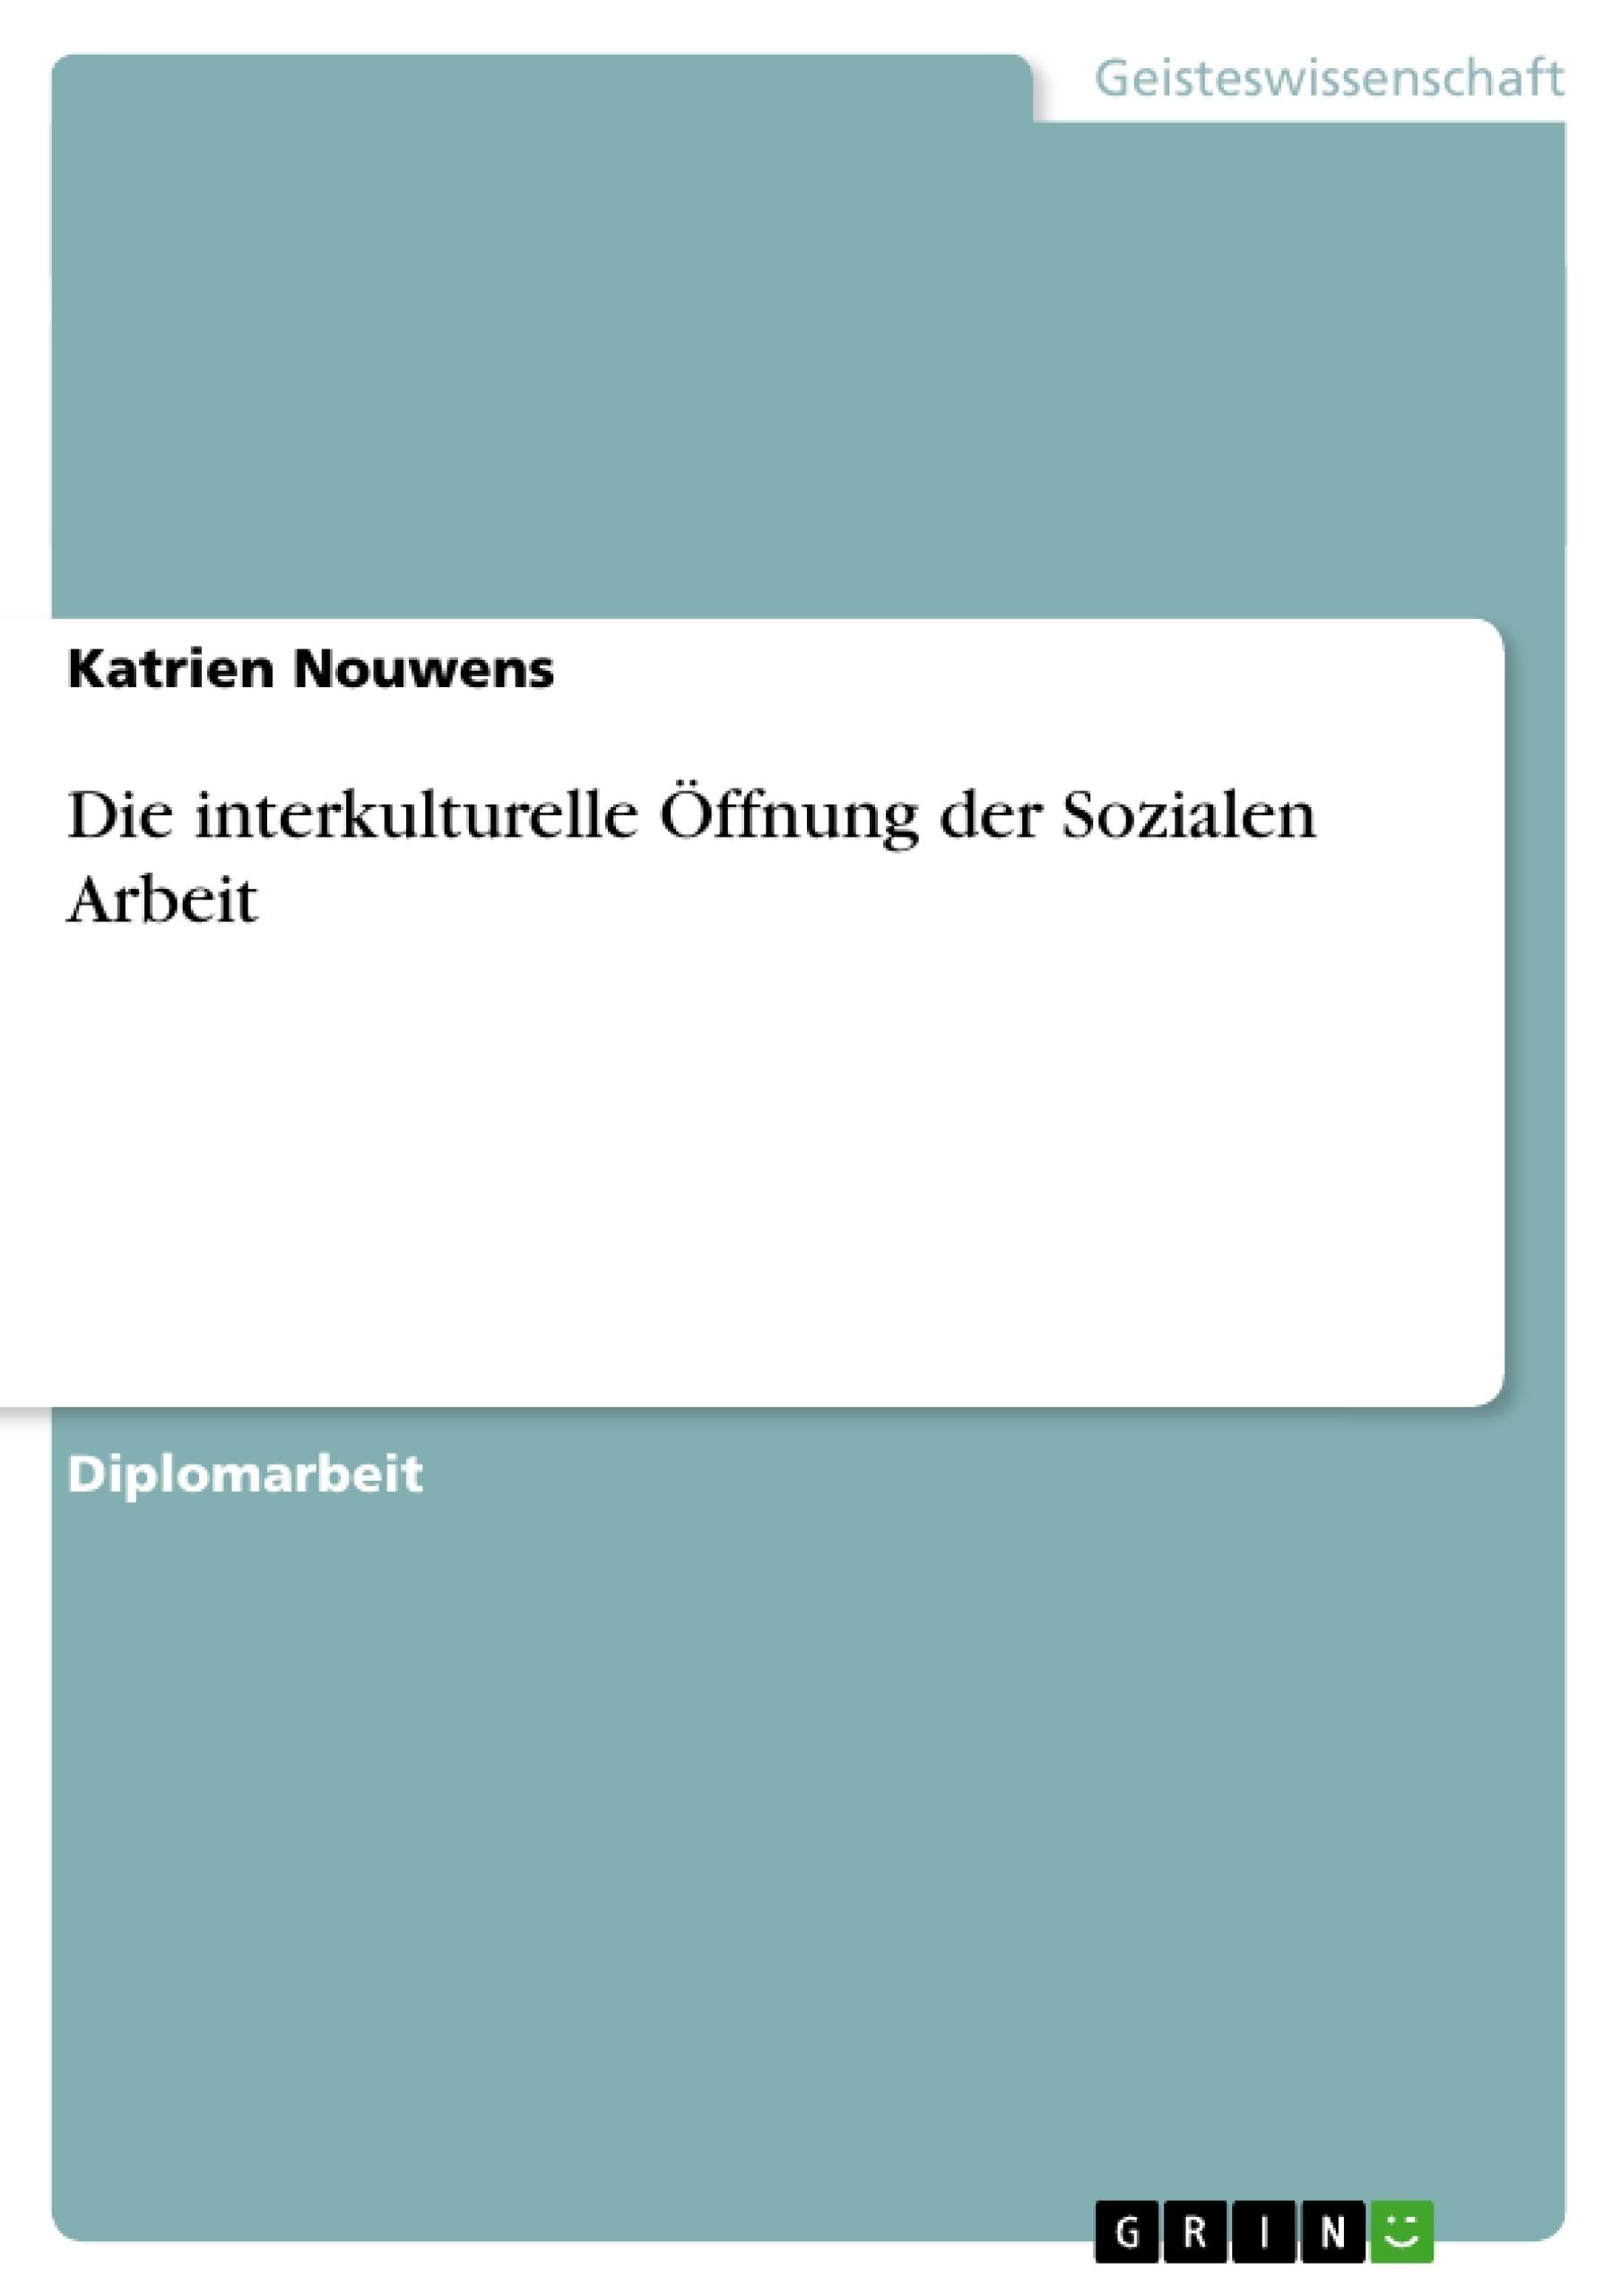 Titel: Die interkulturelle Öffnung der Sozialen Arbeit